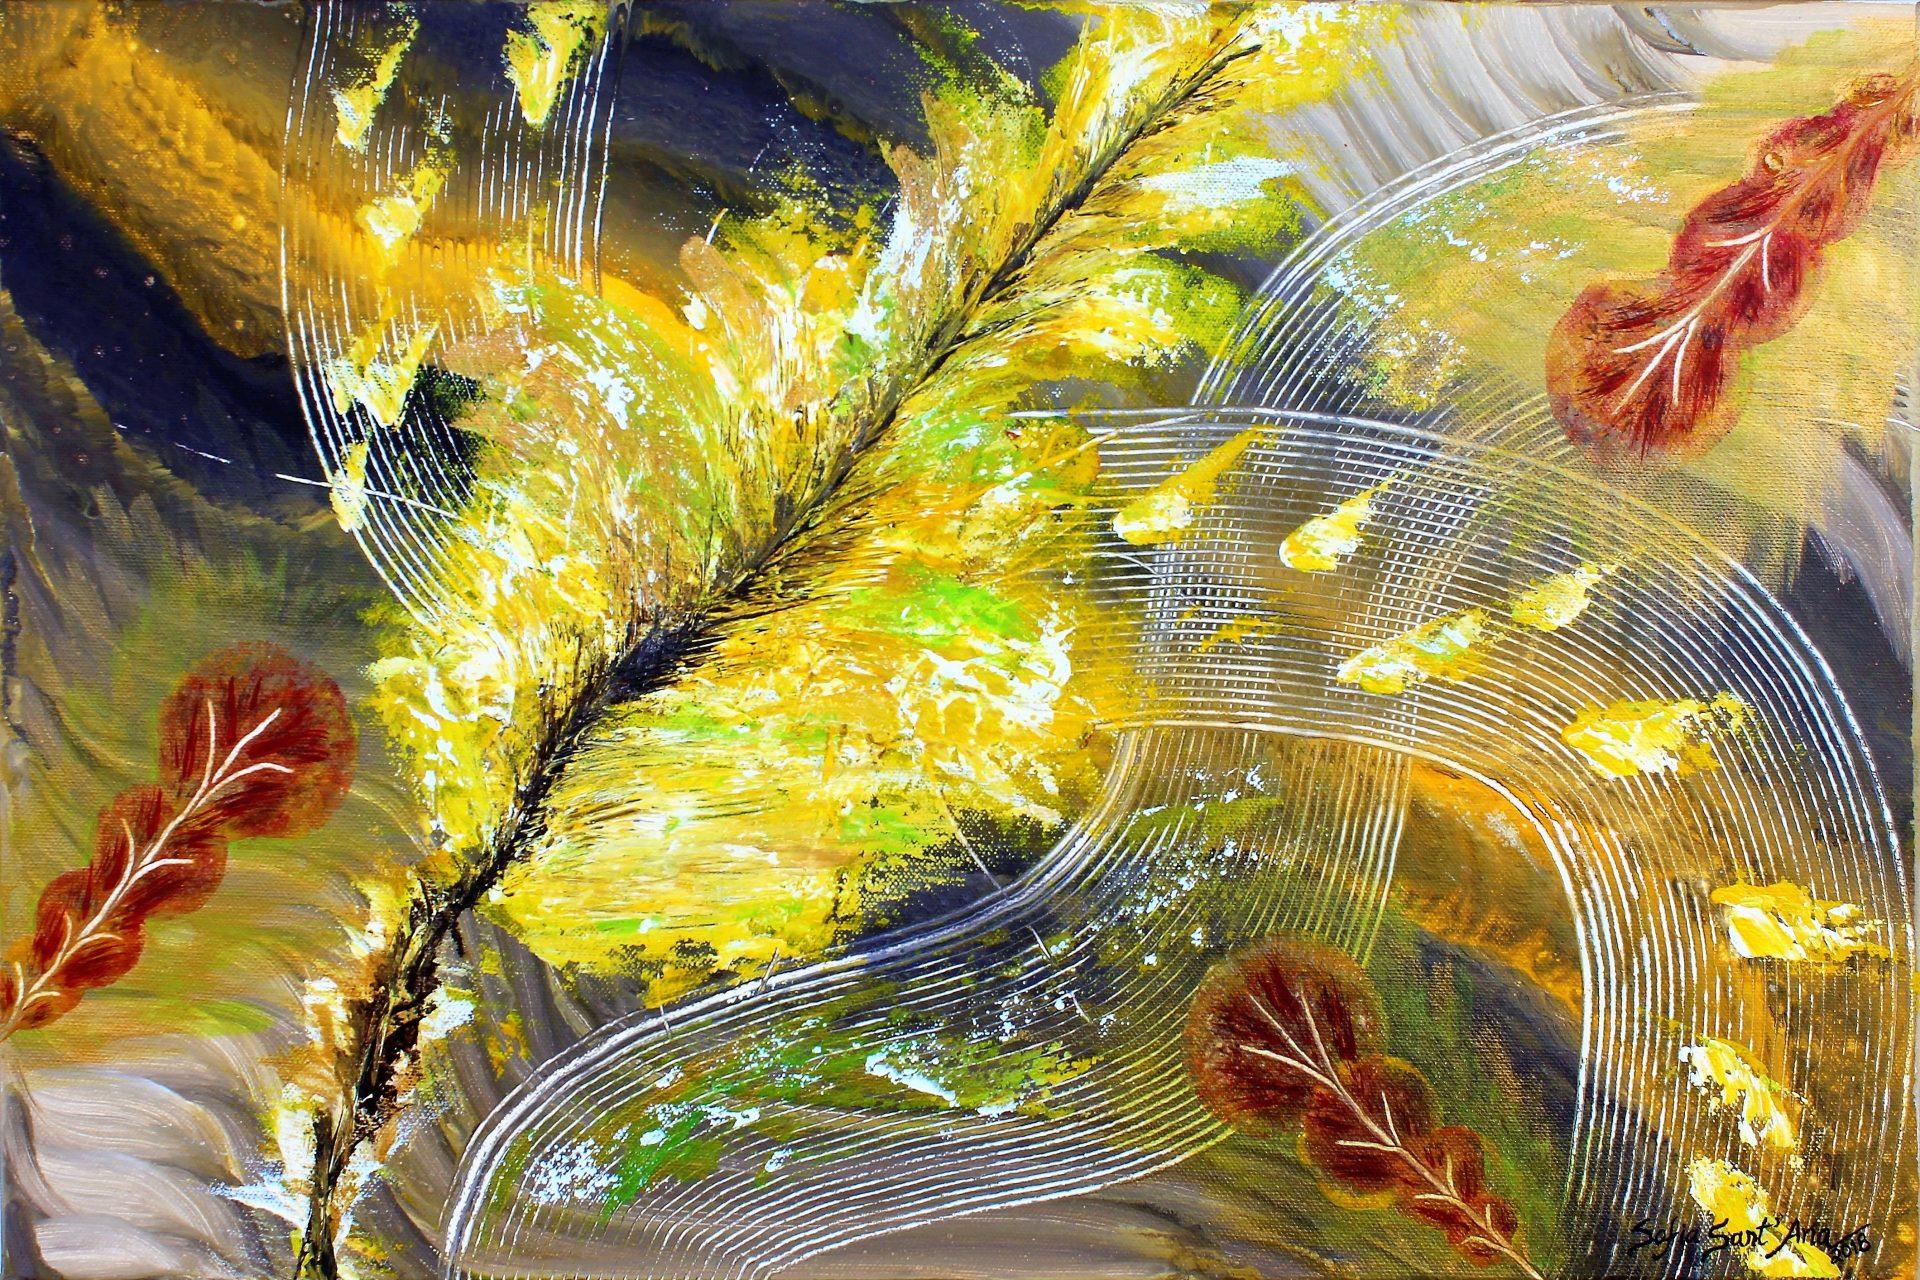 Obra Serenidade de Outono pintada à mão em acrílico sobre tela